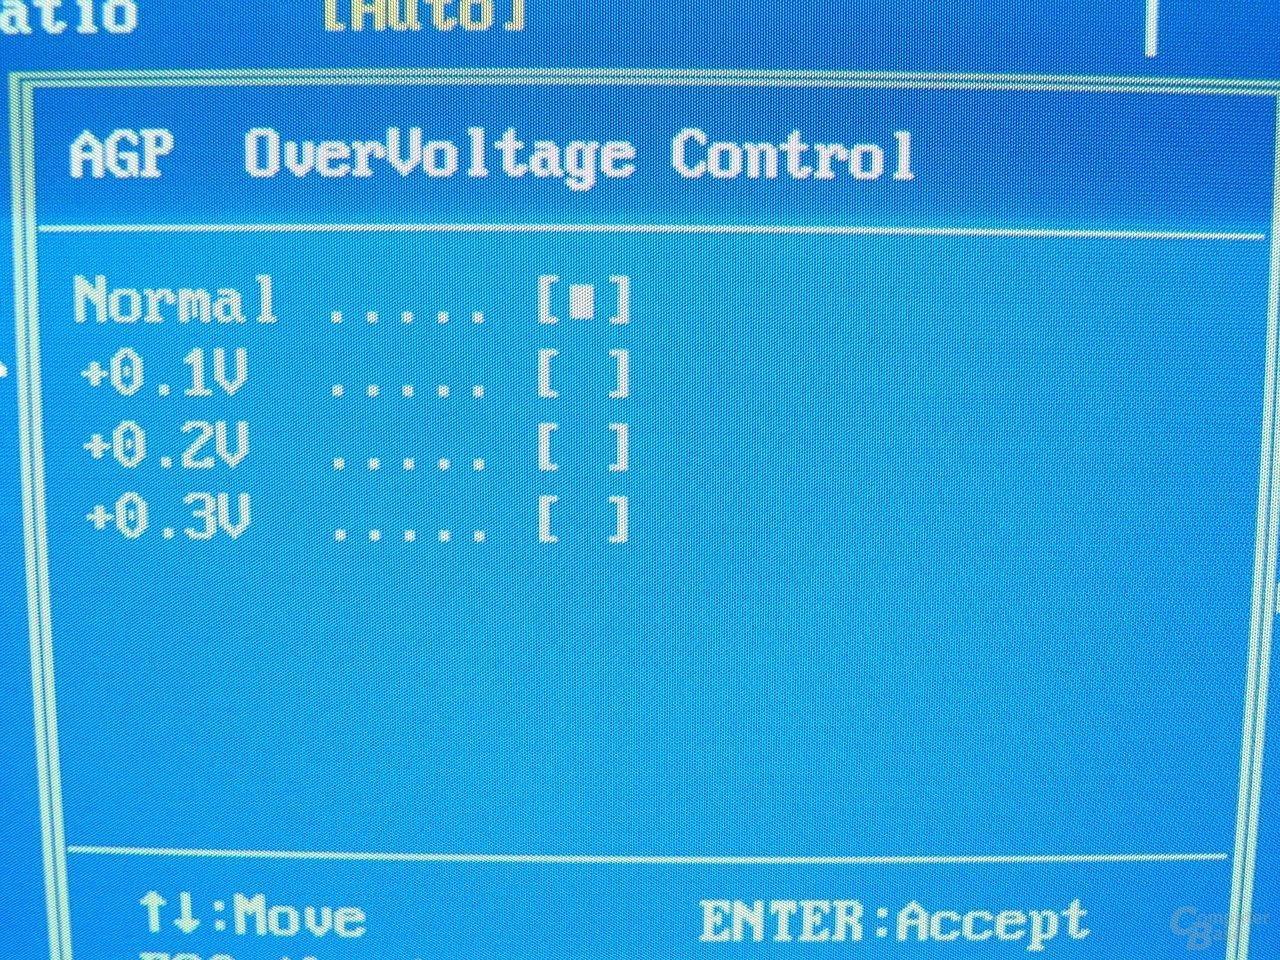 GA-8PE667 Ultra 2 - BIOS - AGP-Voltage